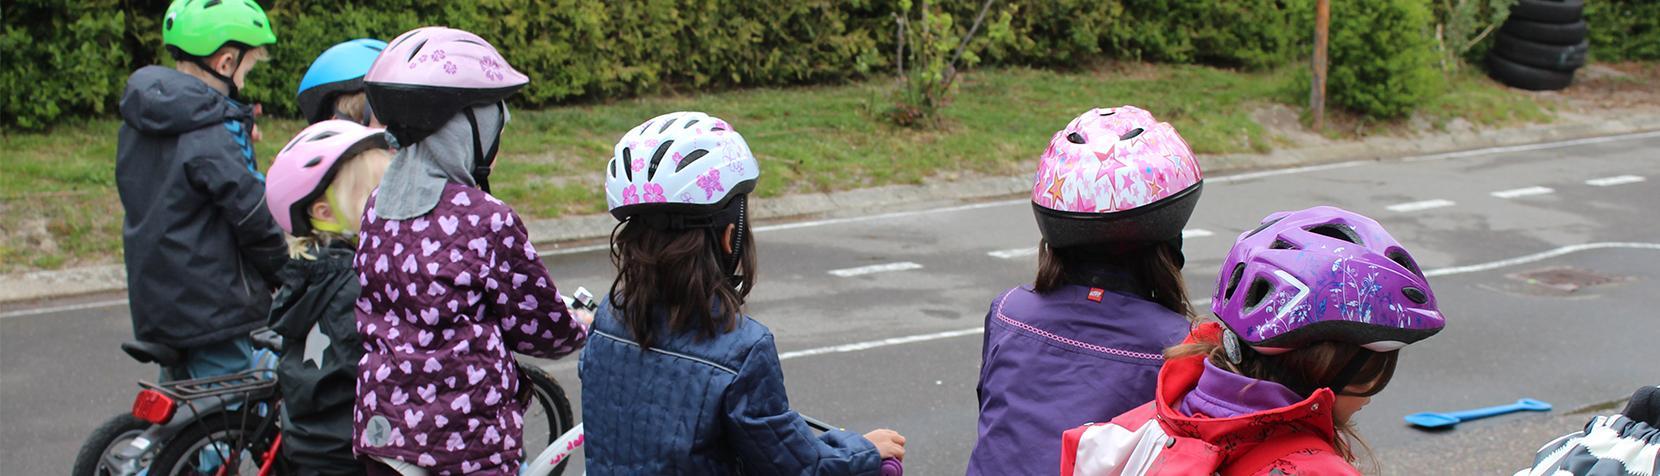 Børn cykler i Børnehuset Stenhøjgårdsvej